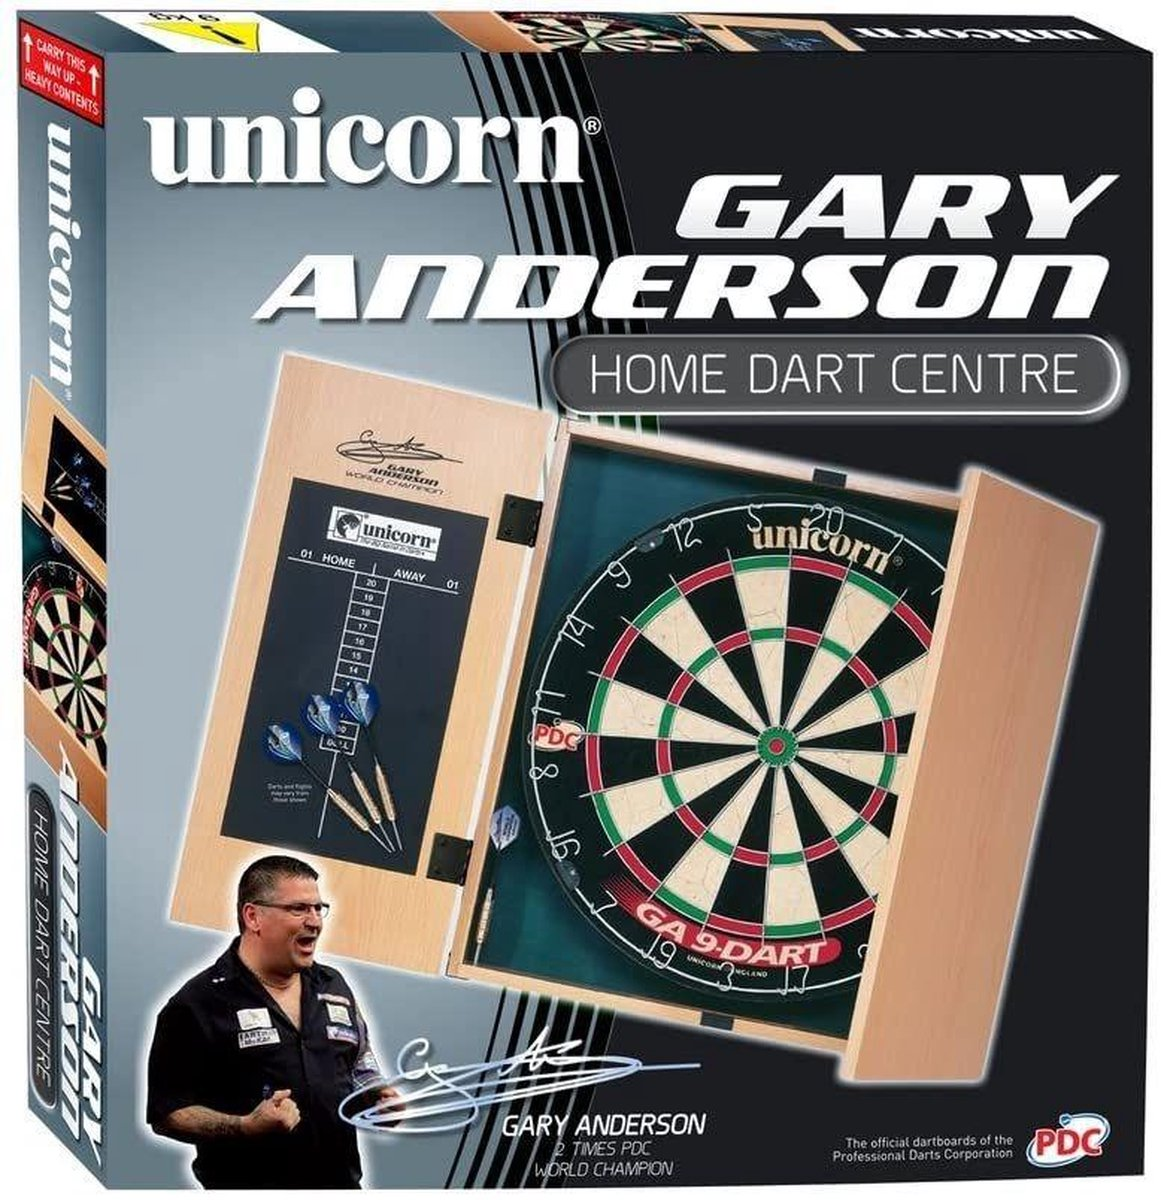 Unicorn Gary Anderson Cabinet Home Darts Centre